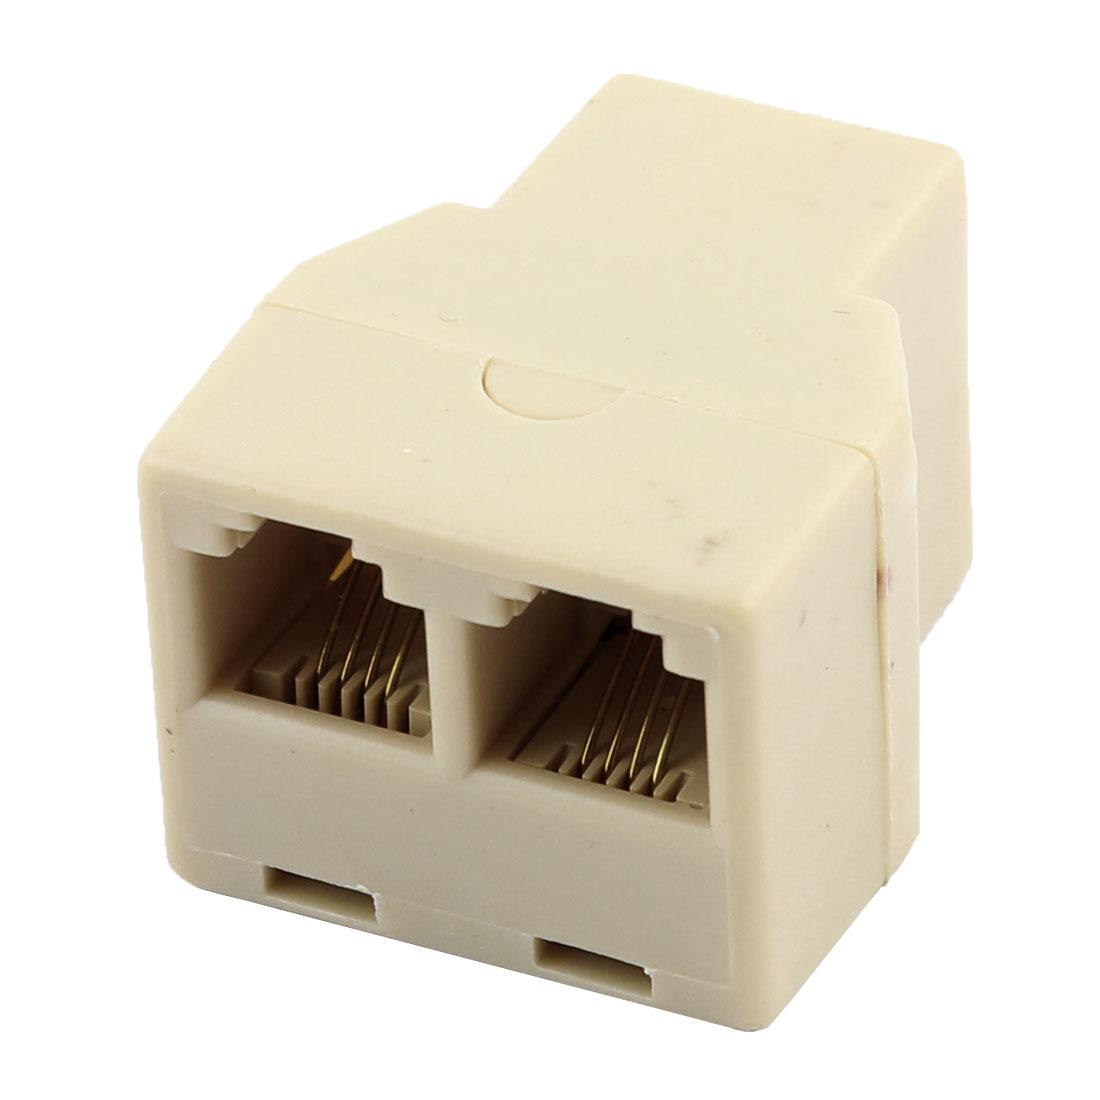 RJ11 F to F 3 Port Telephone Modular Splitter Joiner Beige